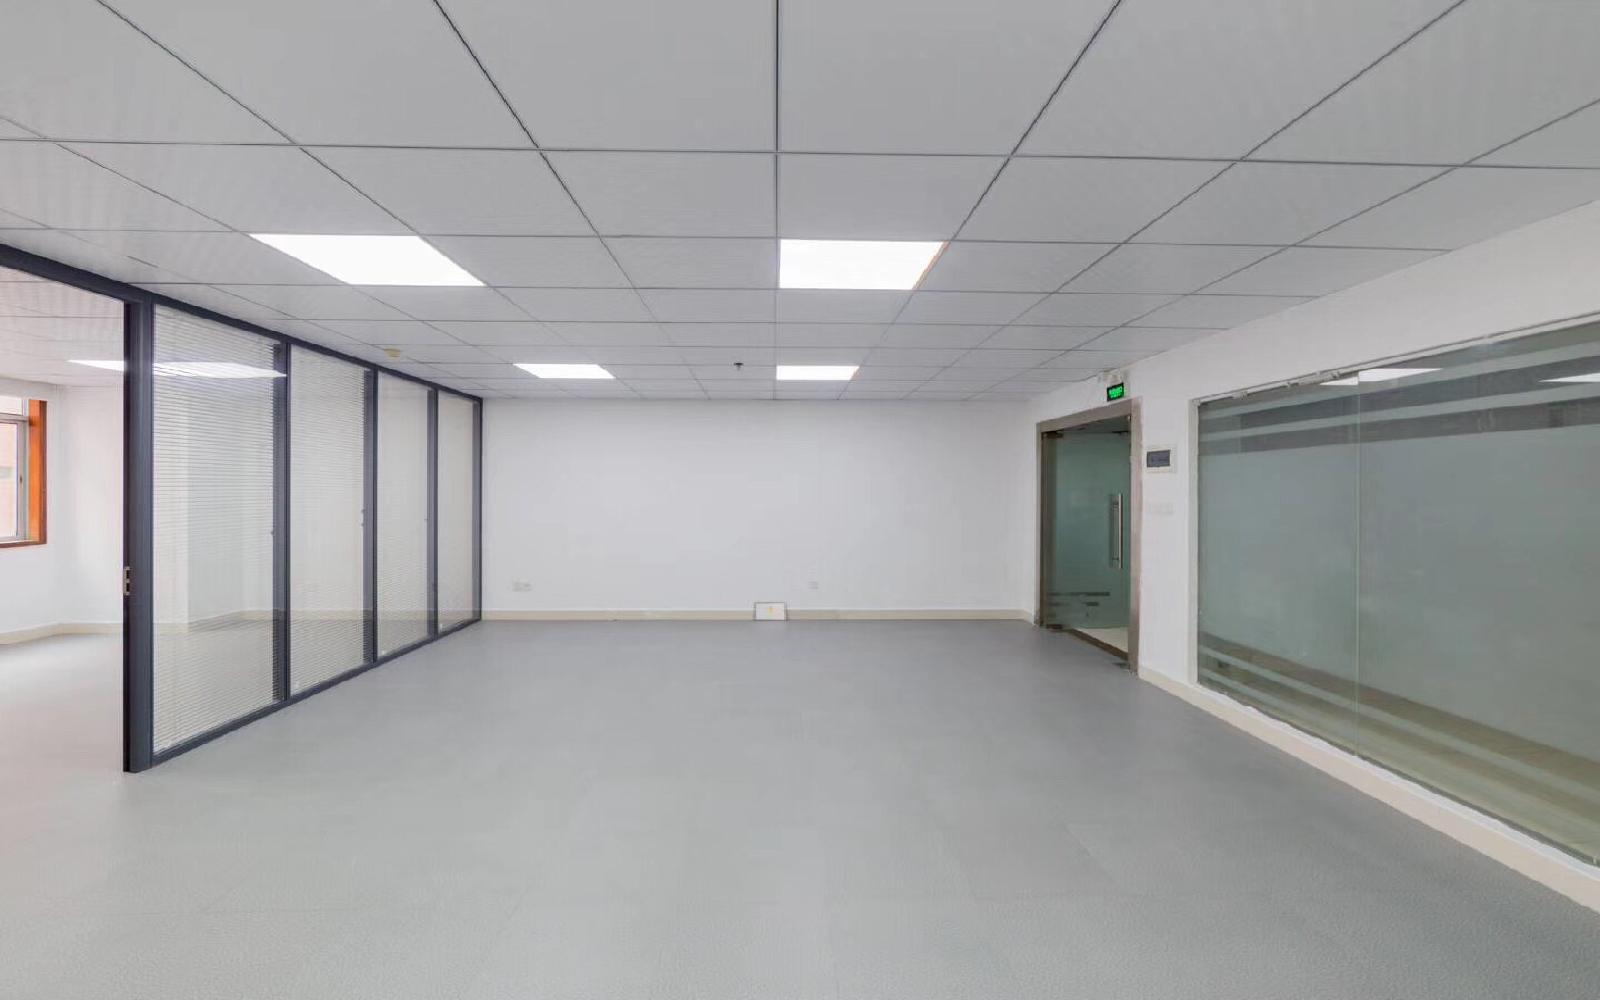 龙华-龙华 泽华大厦 115m²